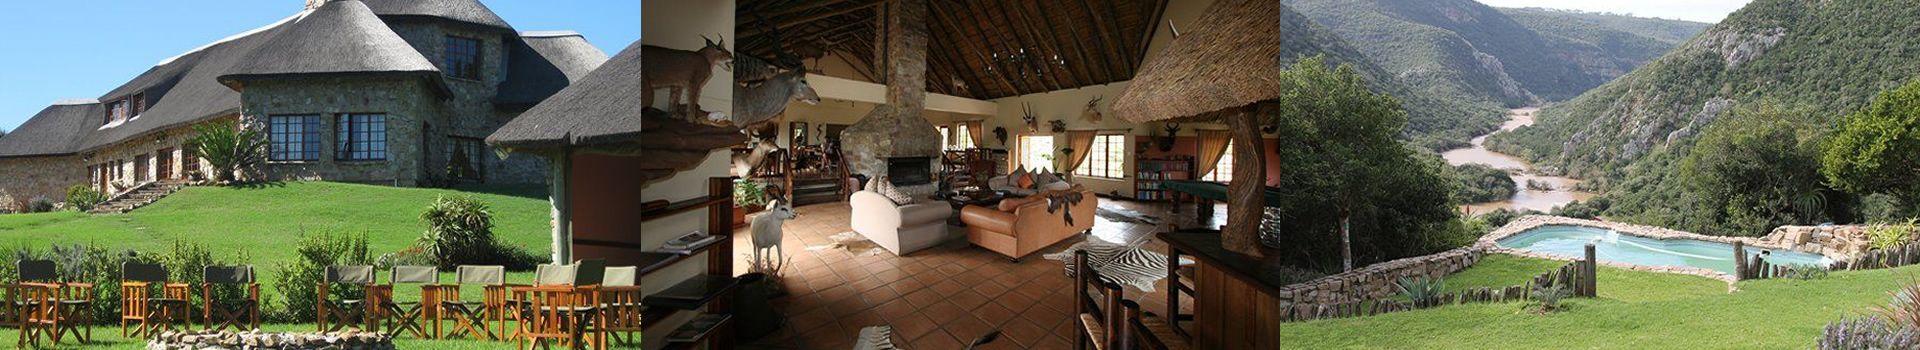 River Bush Lodge